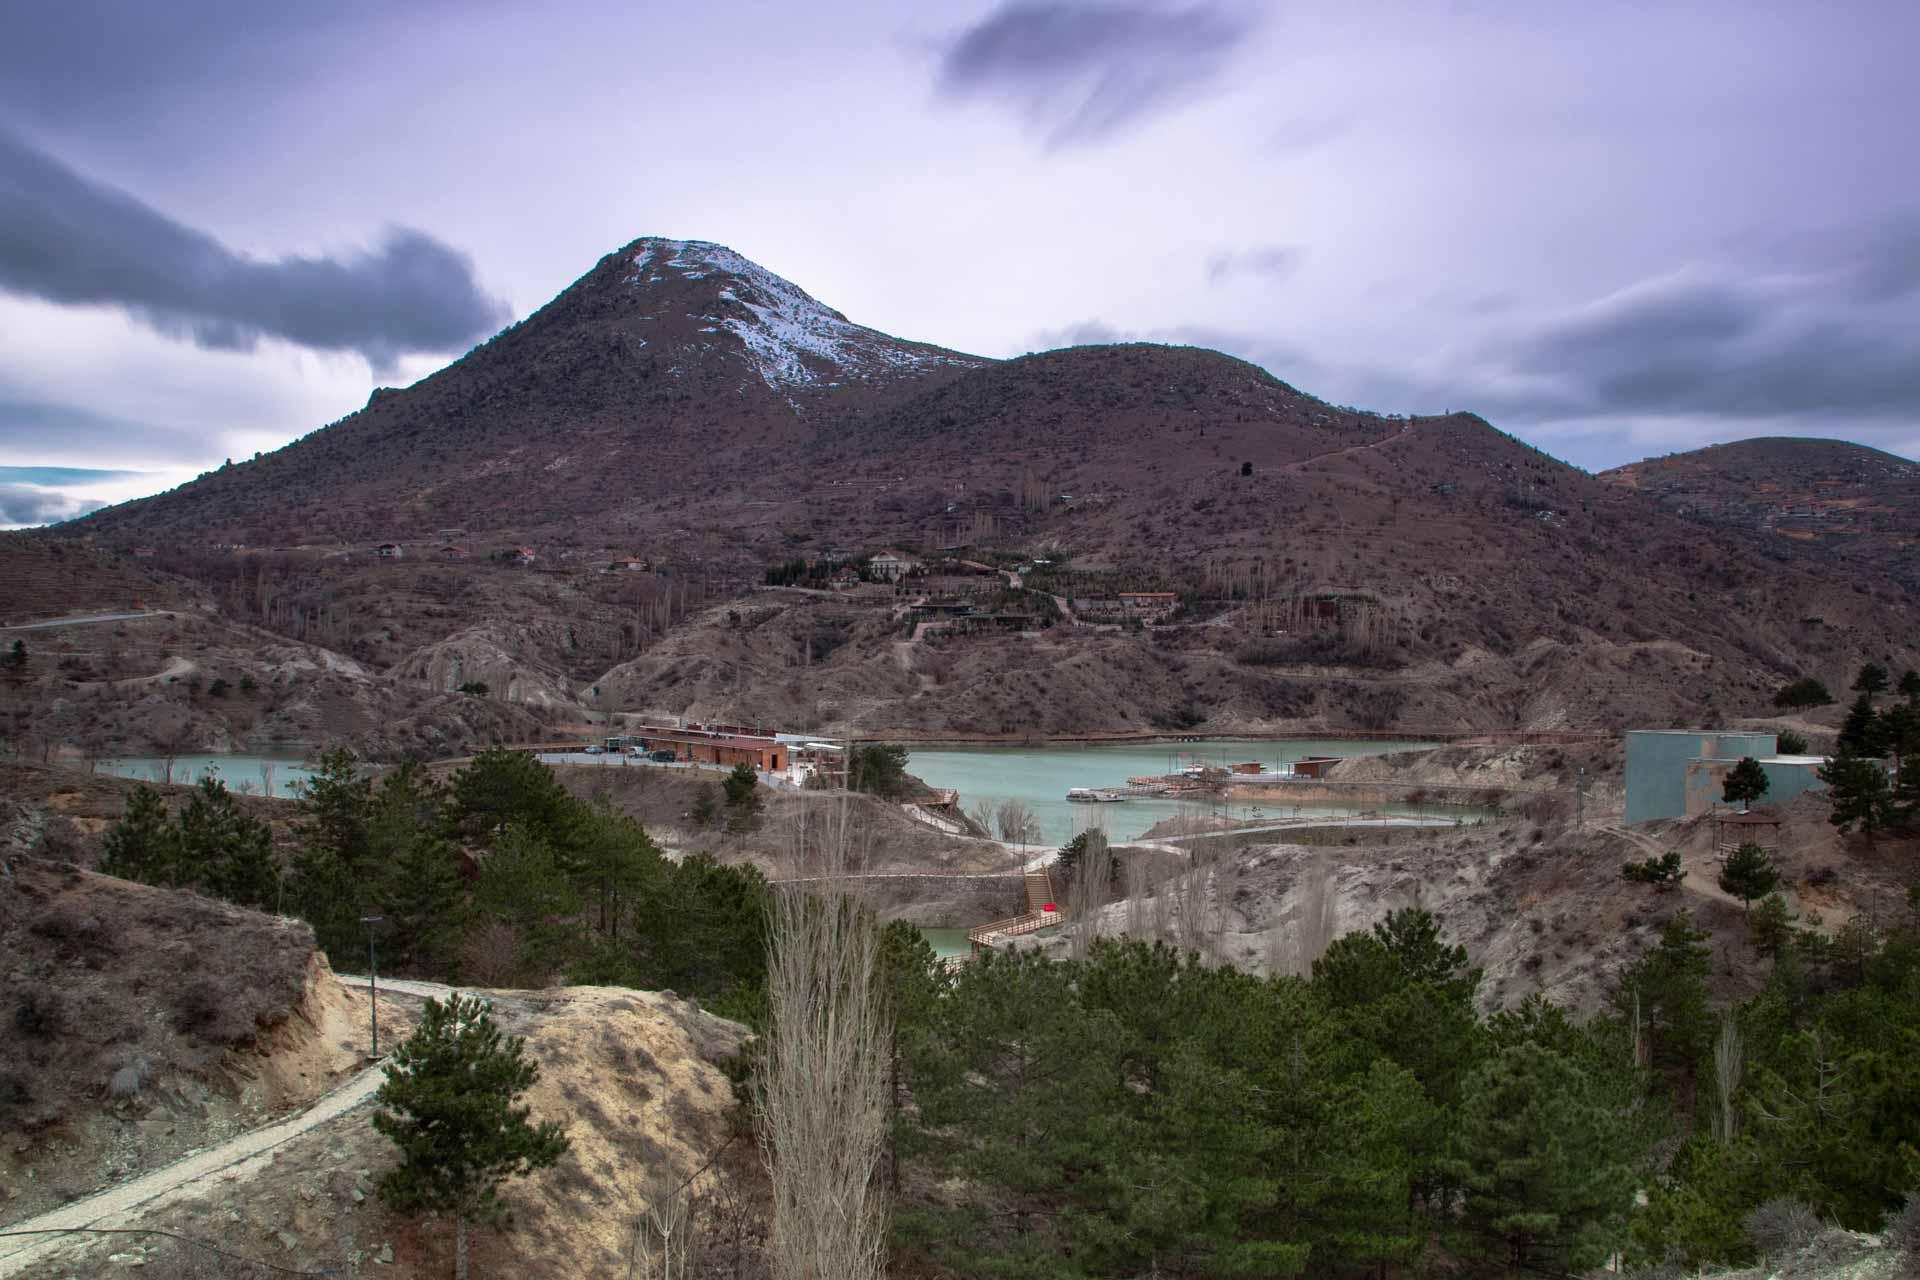 Sille Fotoğrafları Sille Barajı Sille Konya Gezilecek yerler Çekergezer Hakan Aydın Fotoğrafları